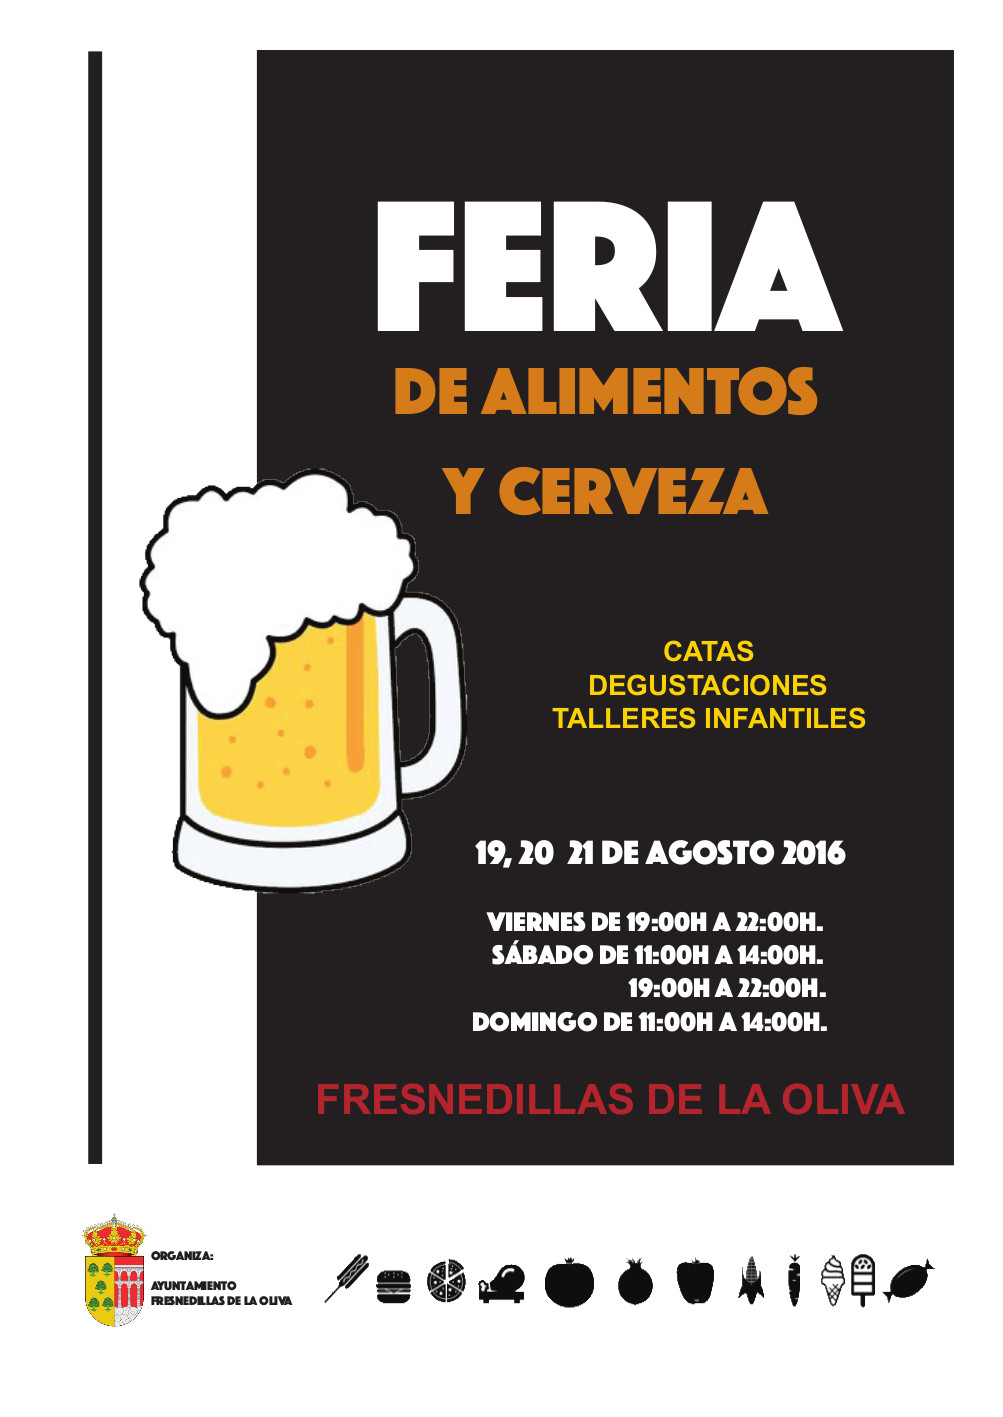 Feria de alimentos y cerveza